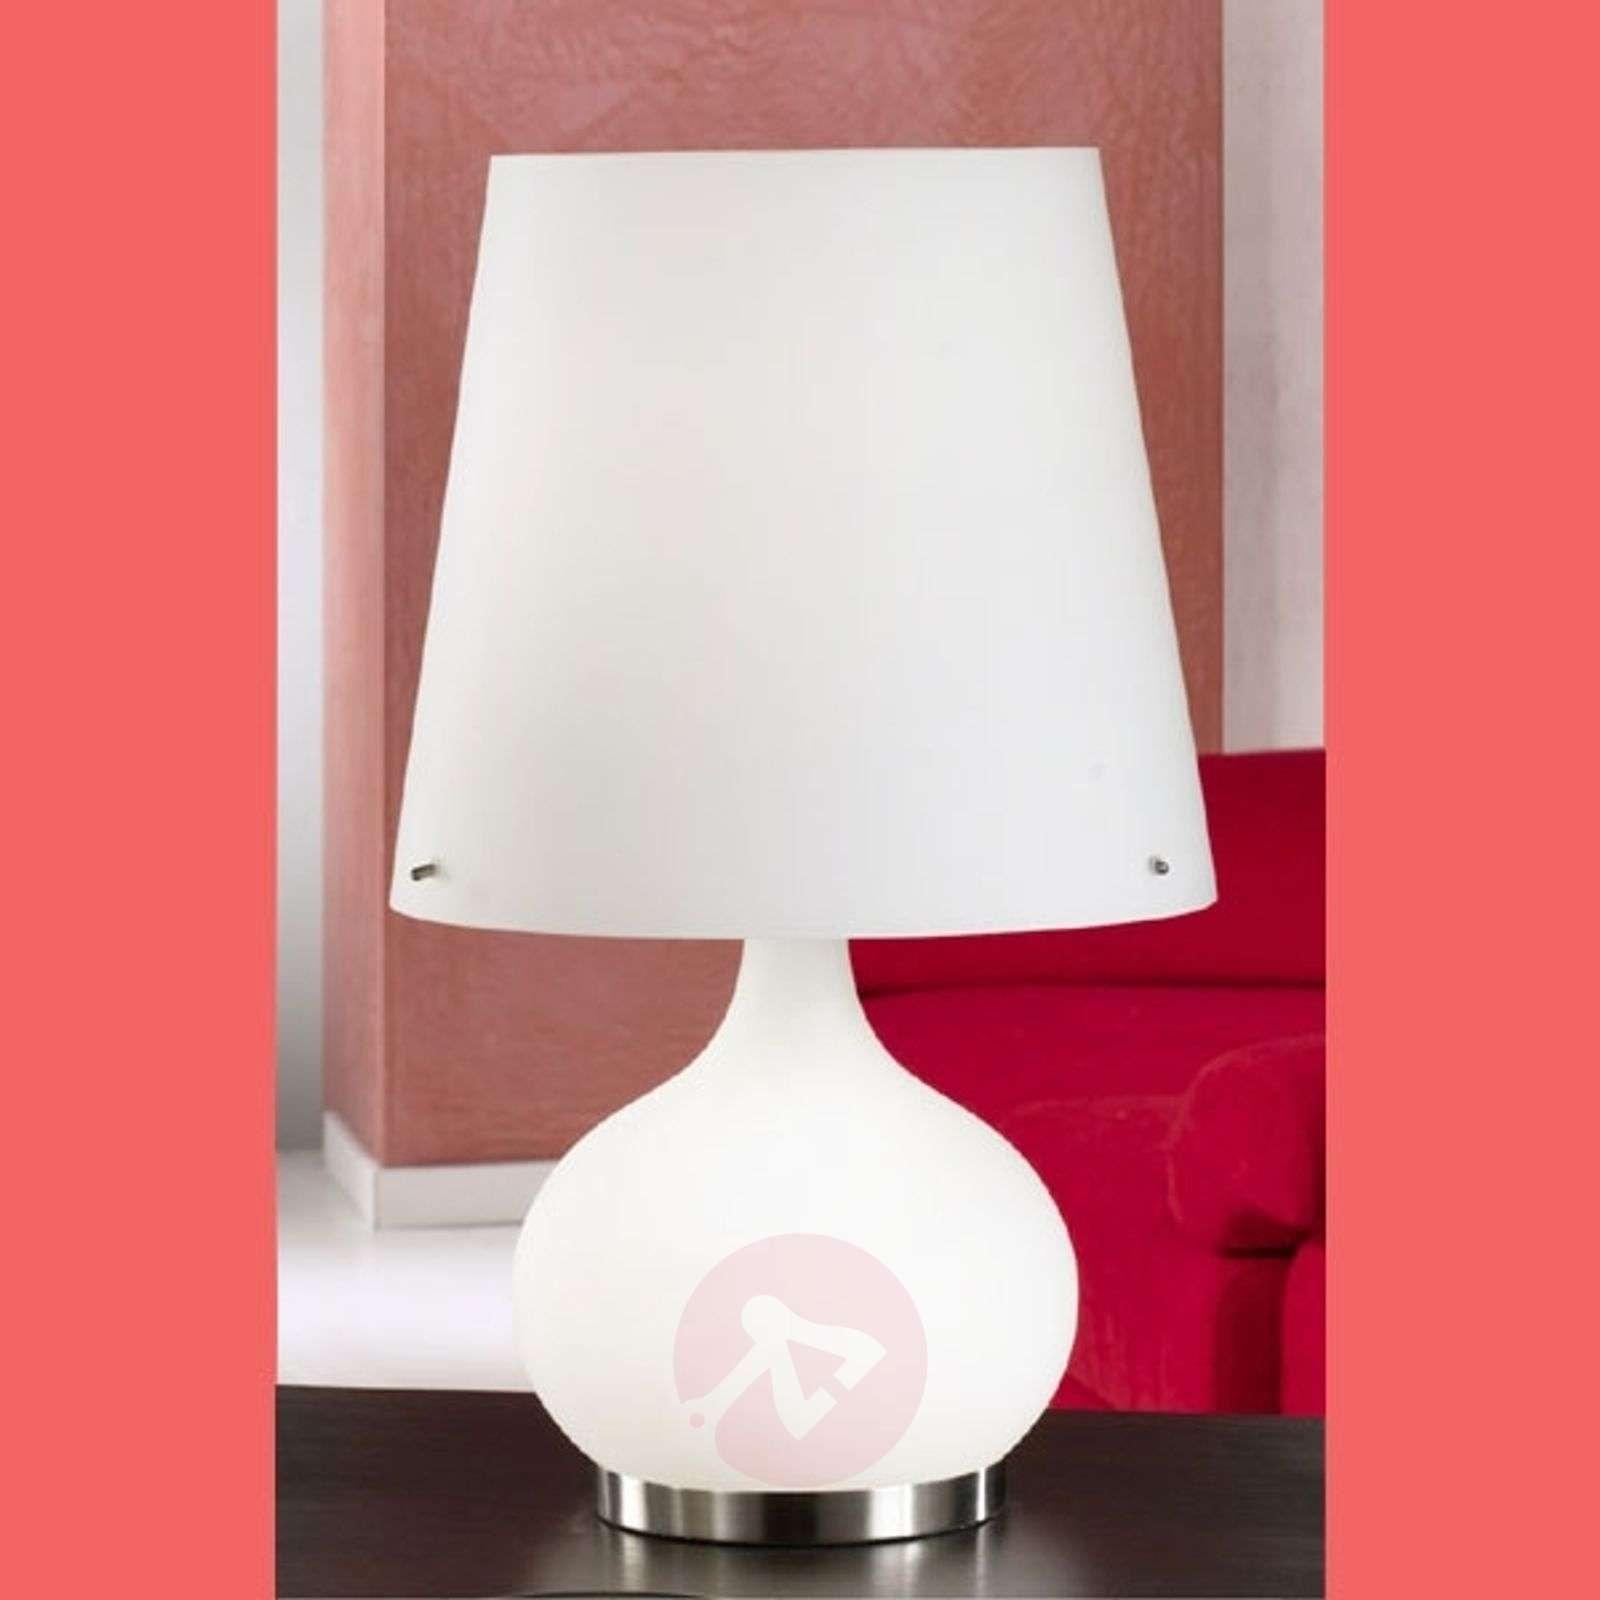 Ade-pöytävalaisin, valkoinen, 58 cm-3501131-01